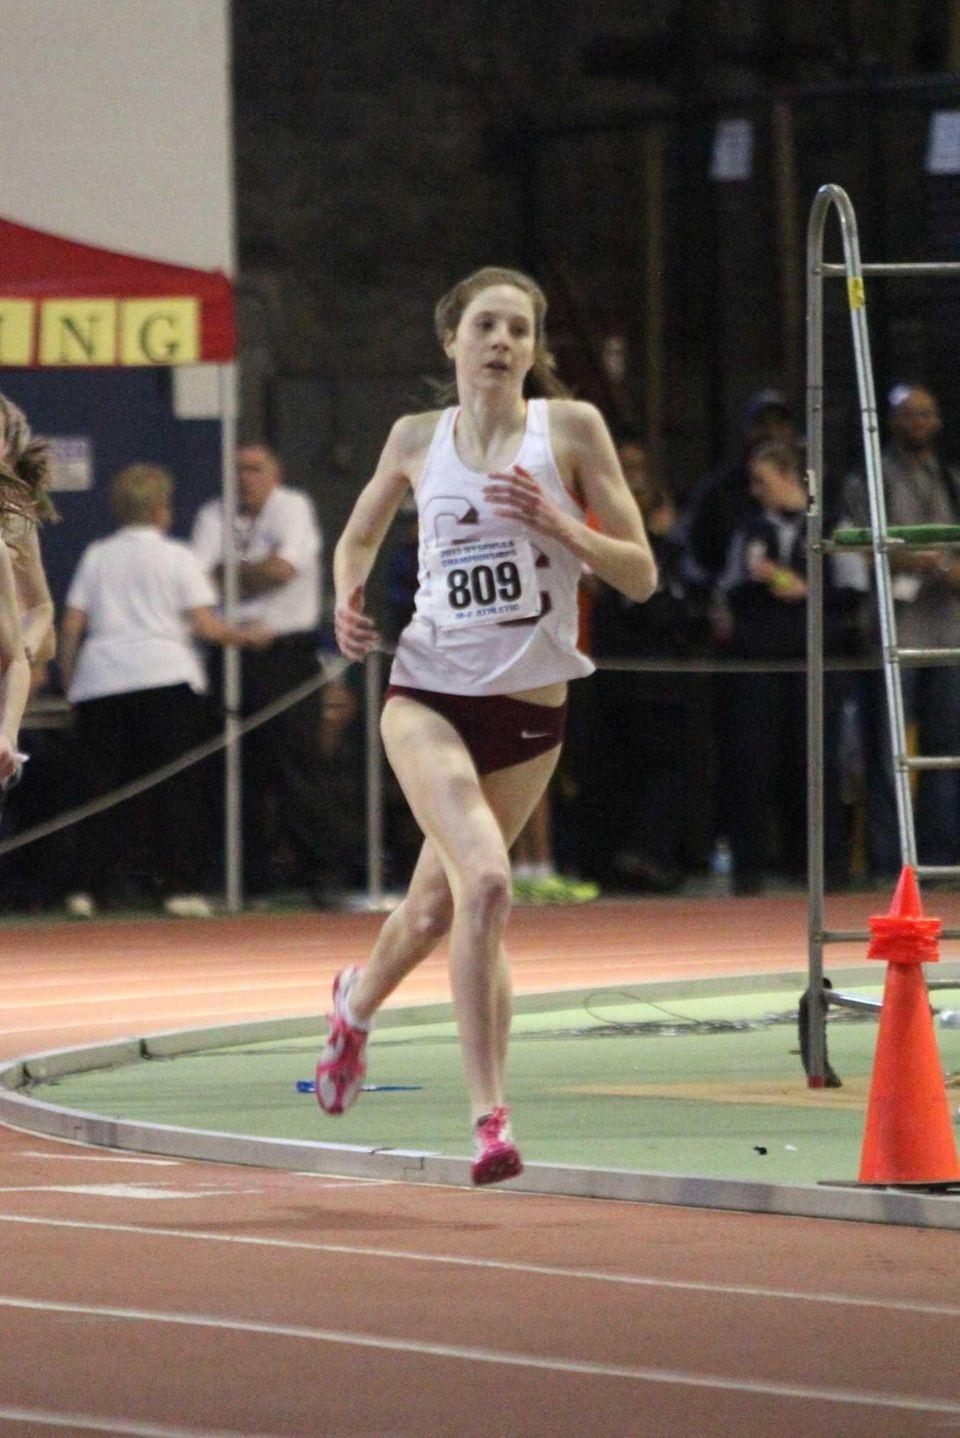 Garden City's Emma Gallagher runs in the 600